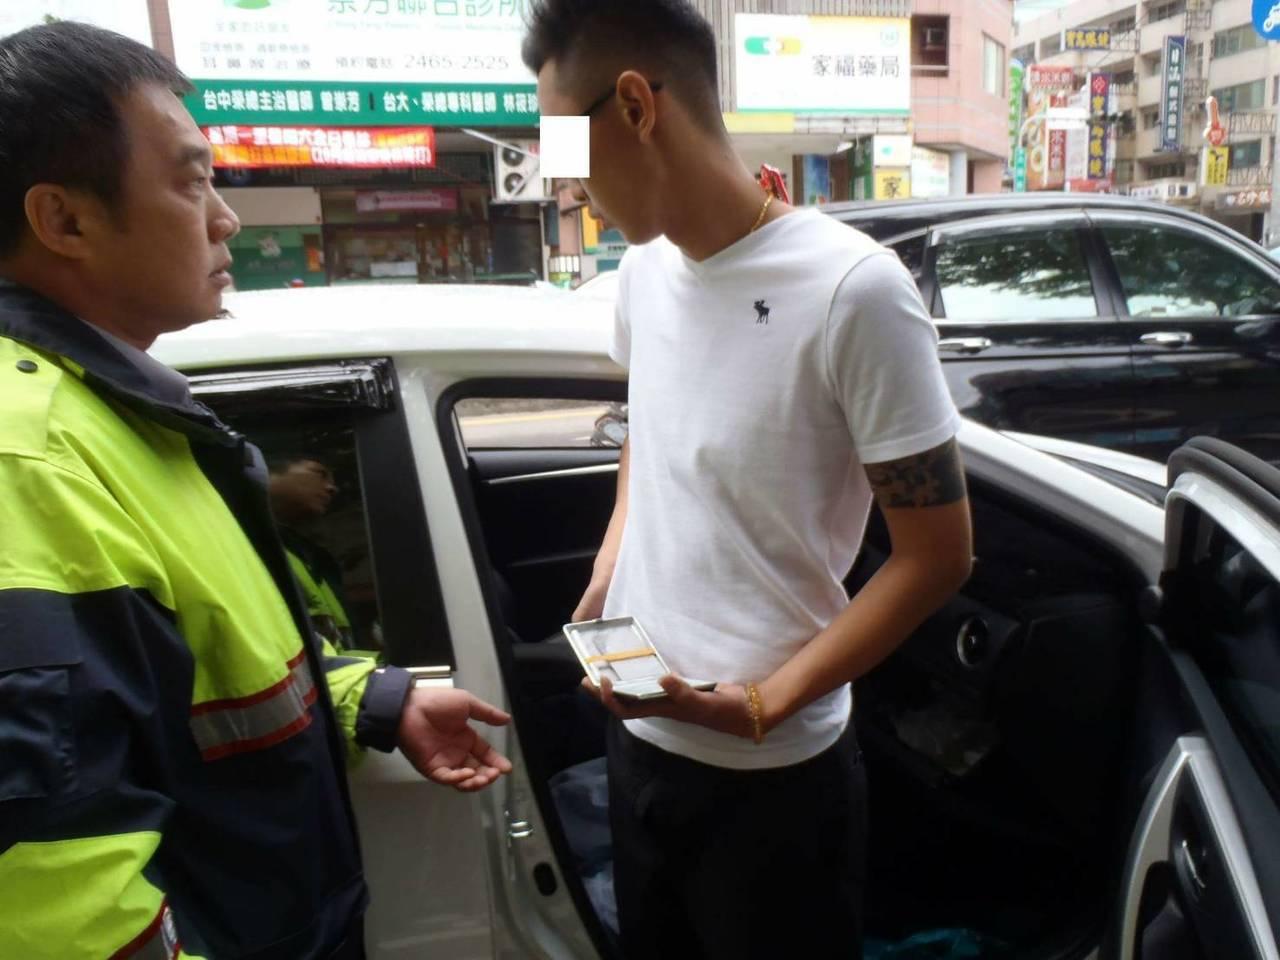 台中市余姓禮儀師日前吸毒後昏睡在車內,警方前往盤查,查獲一小包k他命。記者陳宏睿...